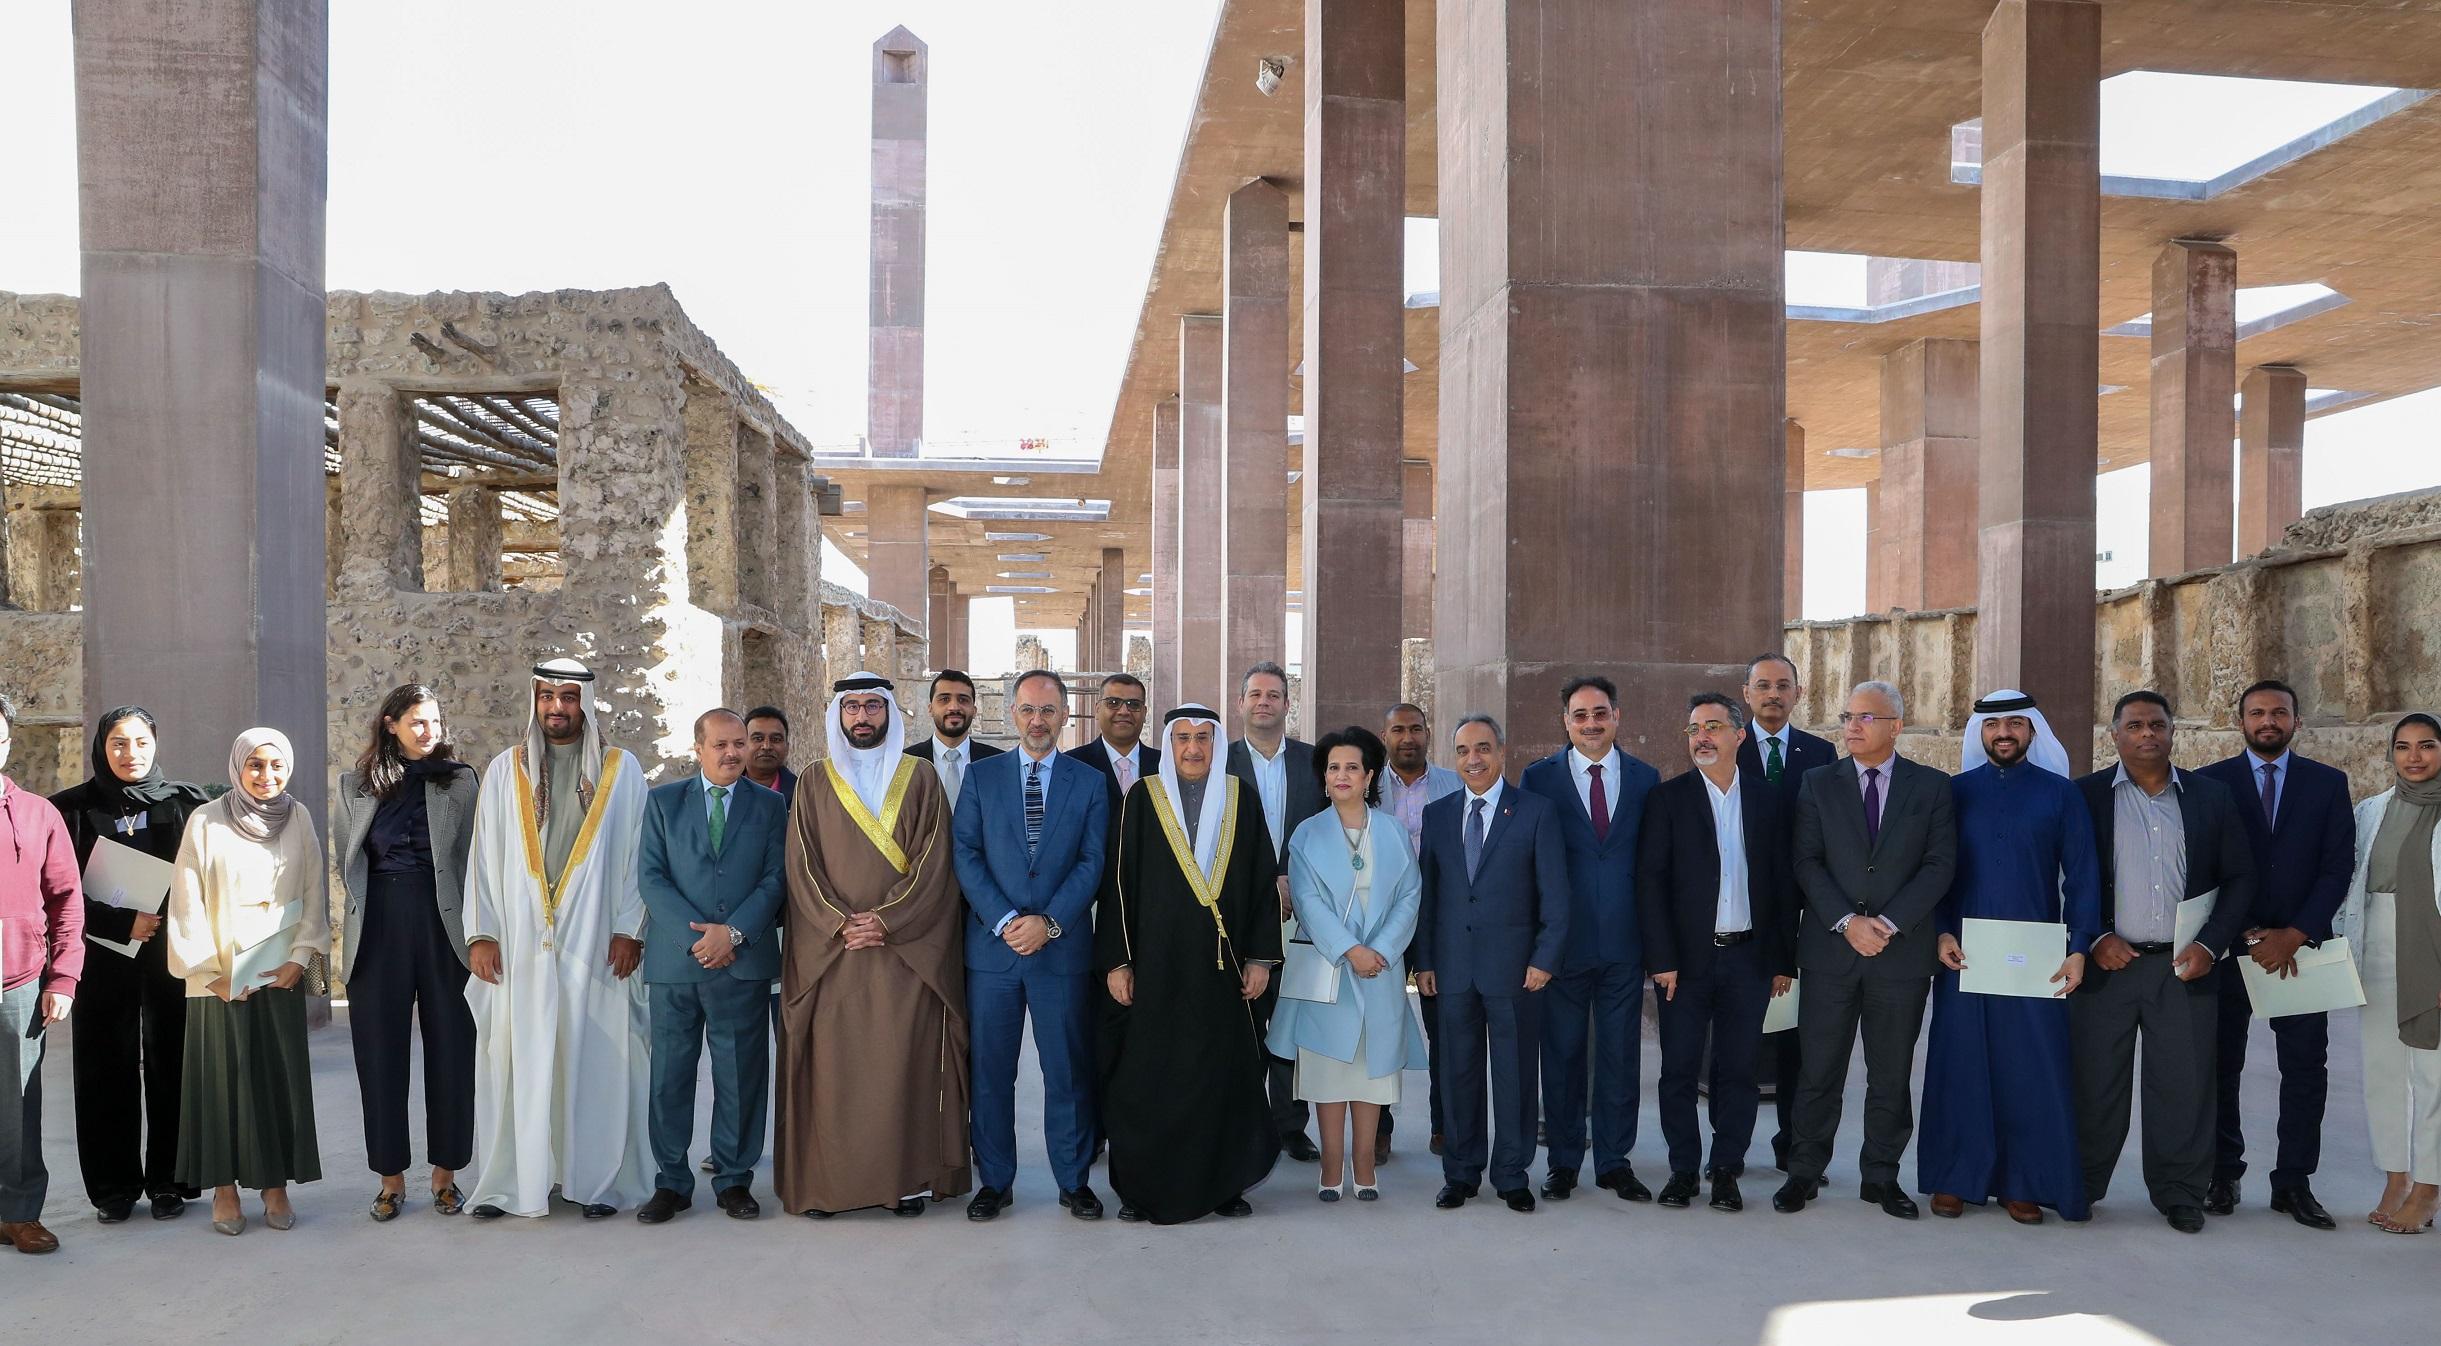 """احتفال في البحرين بالمشروع الفائز بجائزة الآغا خان للعمارة """"إعادة إحياء المحرق"""""""